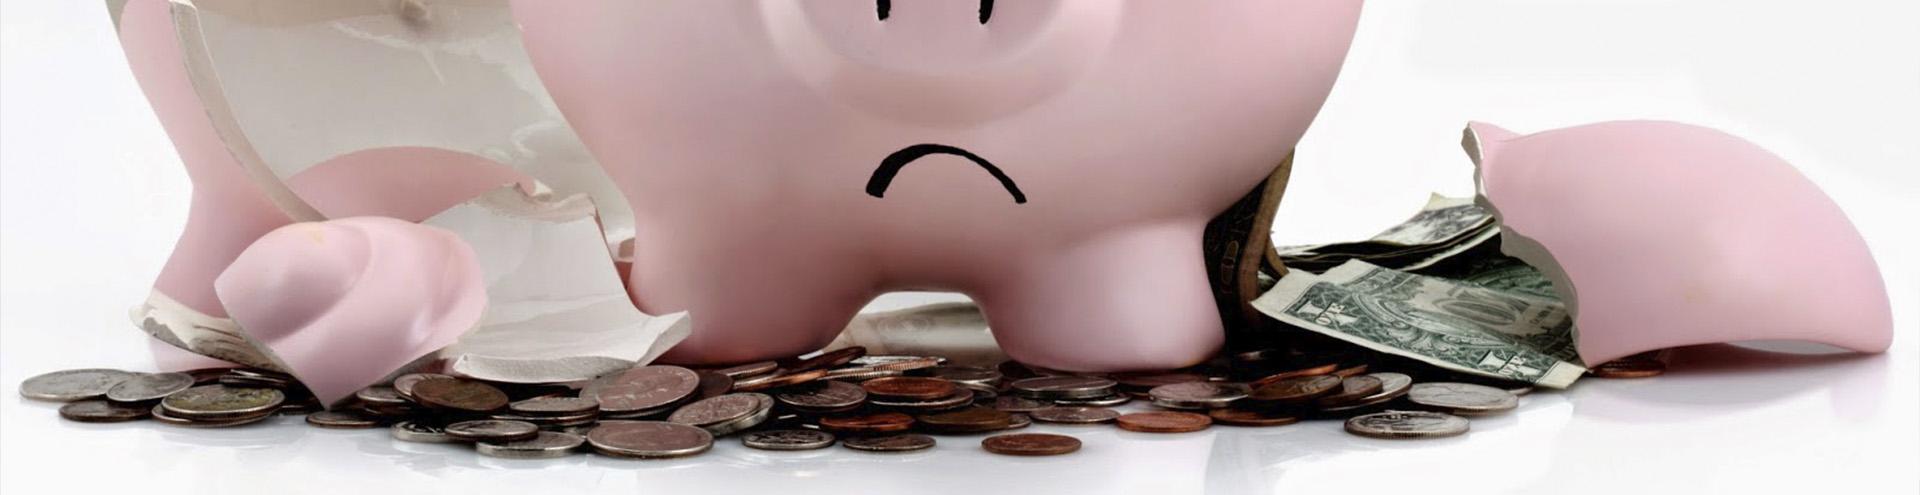 банкротство банка в Нижнем Новгороде